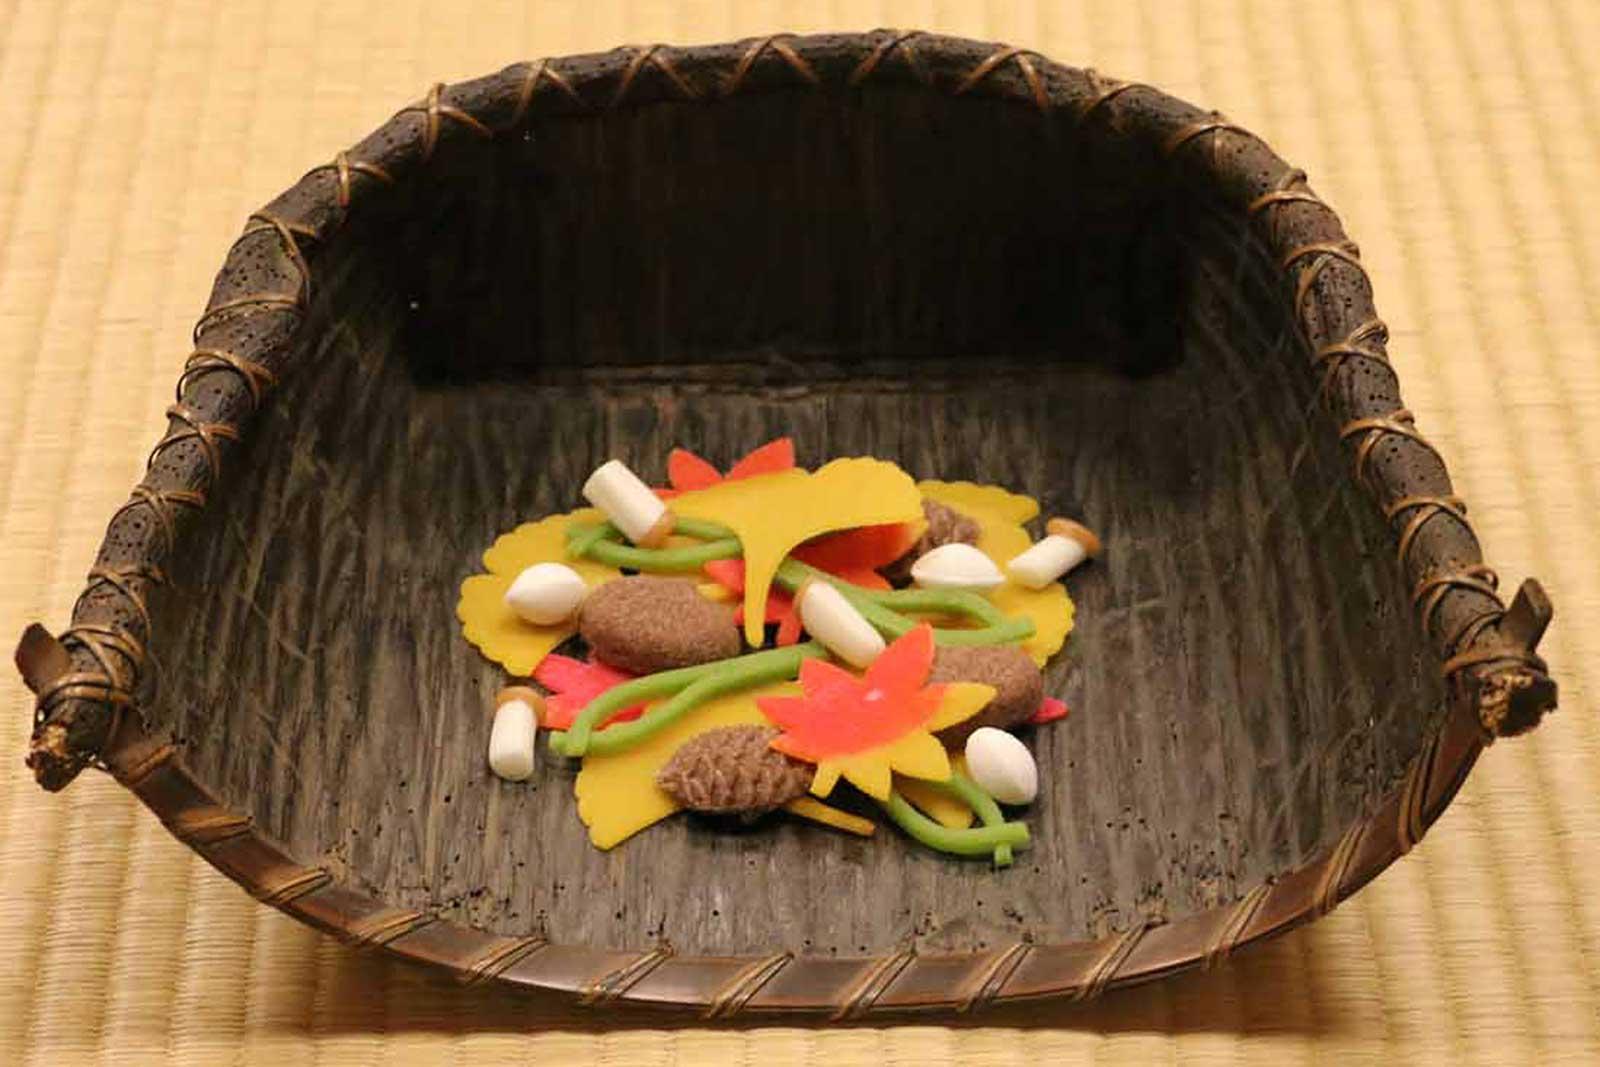 茶人の正月と言われる11月には、この時期だけのお菓子「吹寄せ」を、農具に見立てた器に入れて